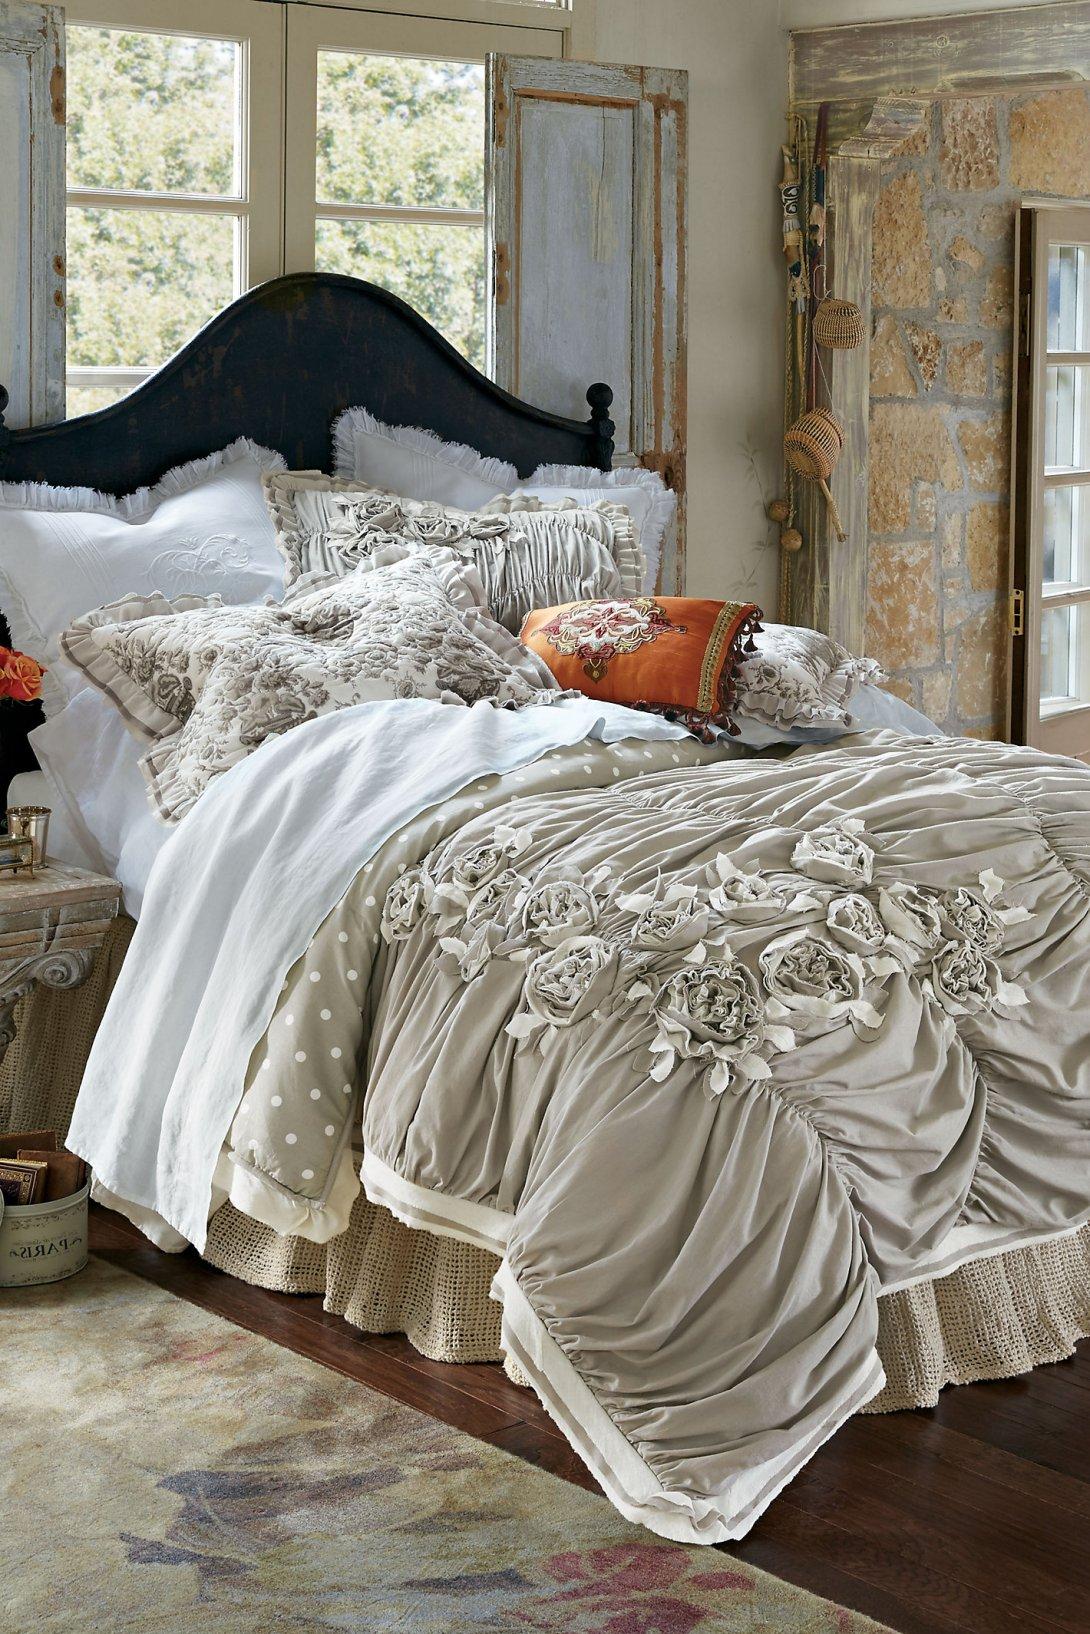 Vintage Boho Bedding